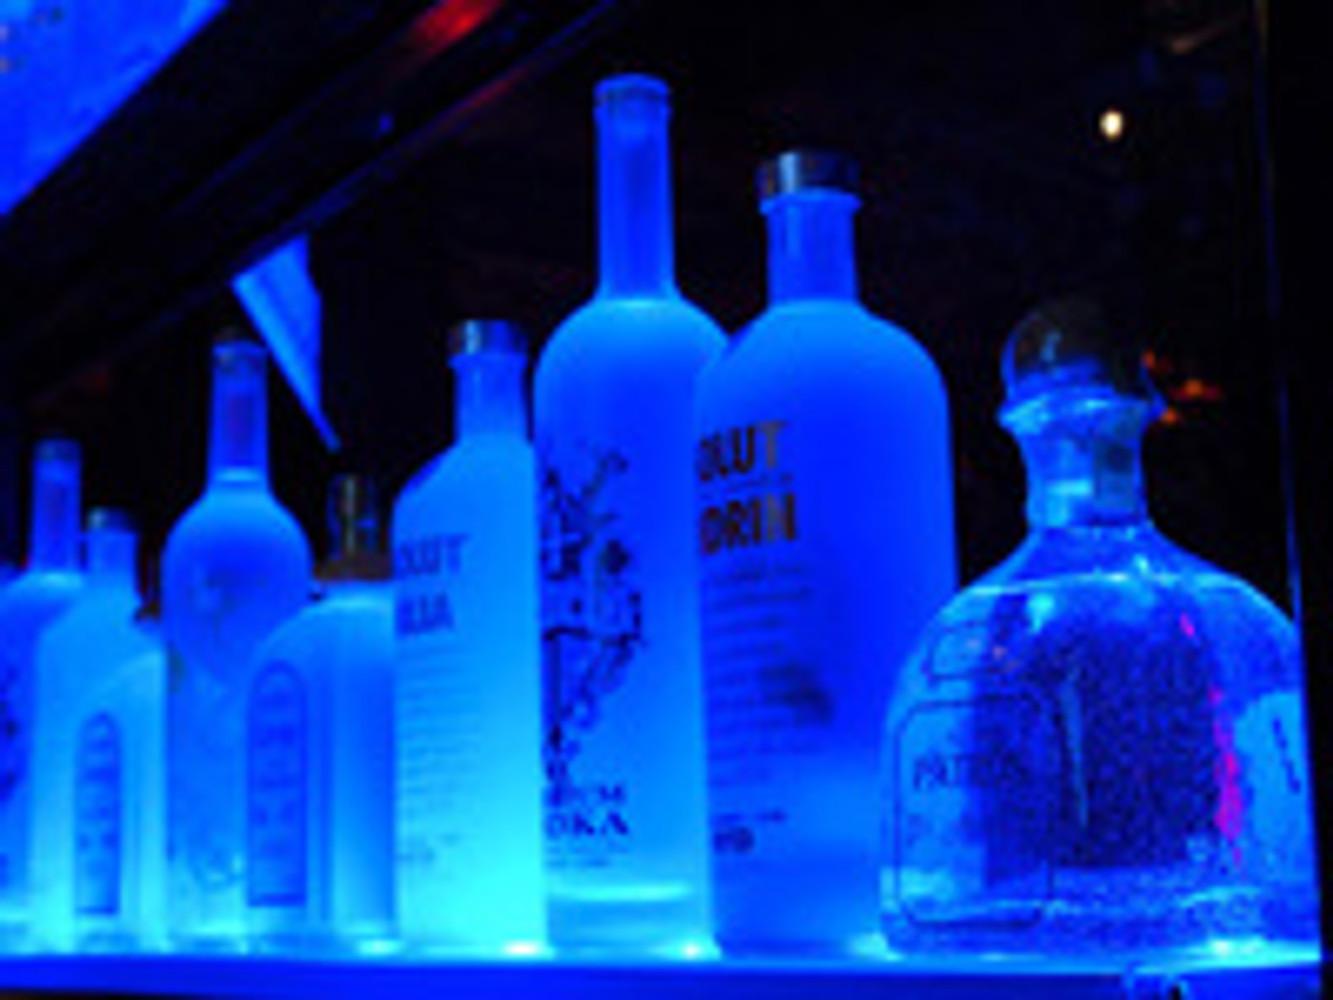 Building Lighted Liquor Bottle Shelves for Your Home, Restaurant or Bar